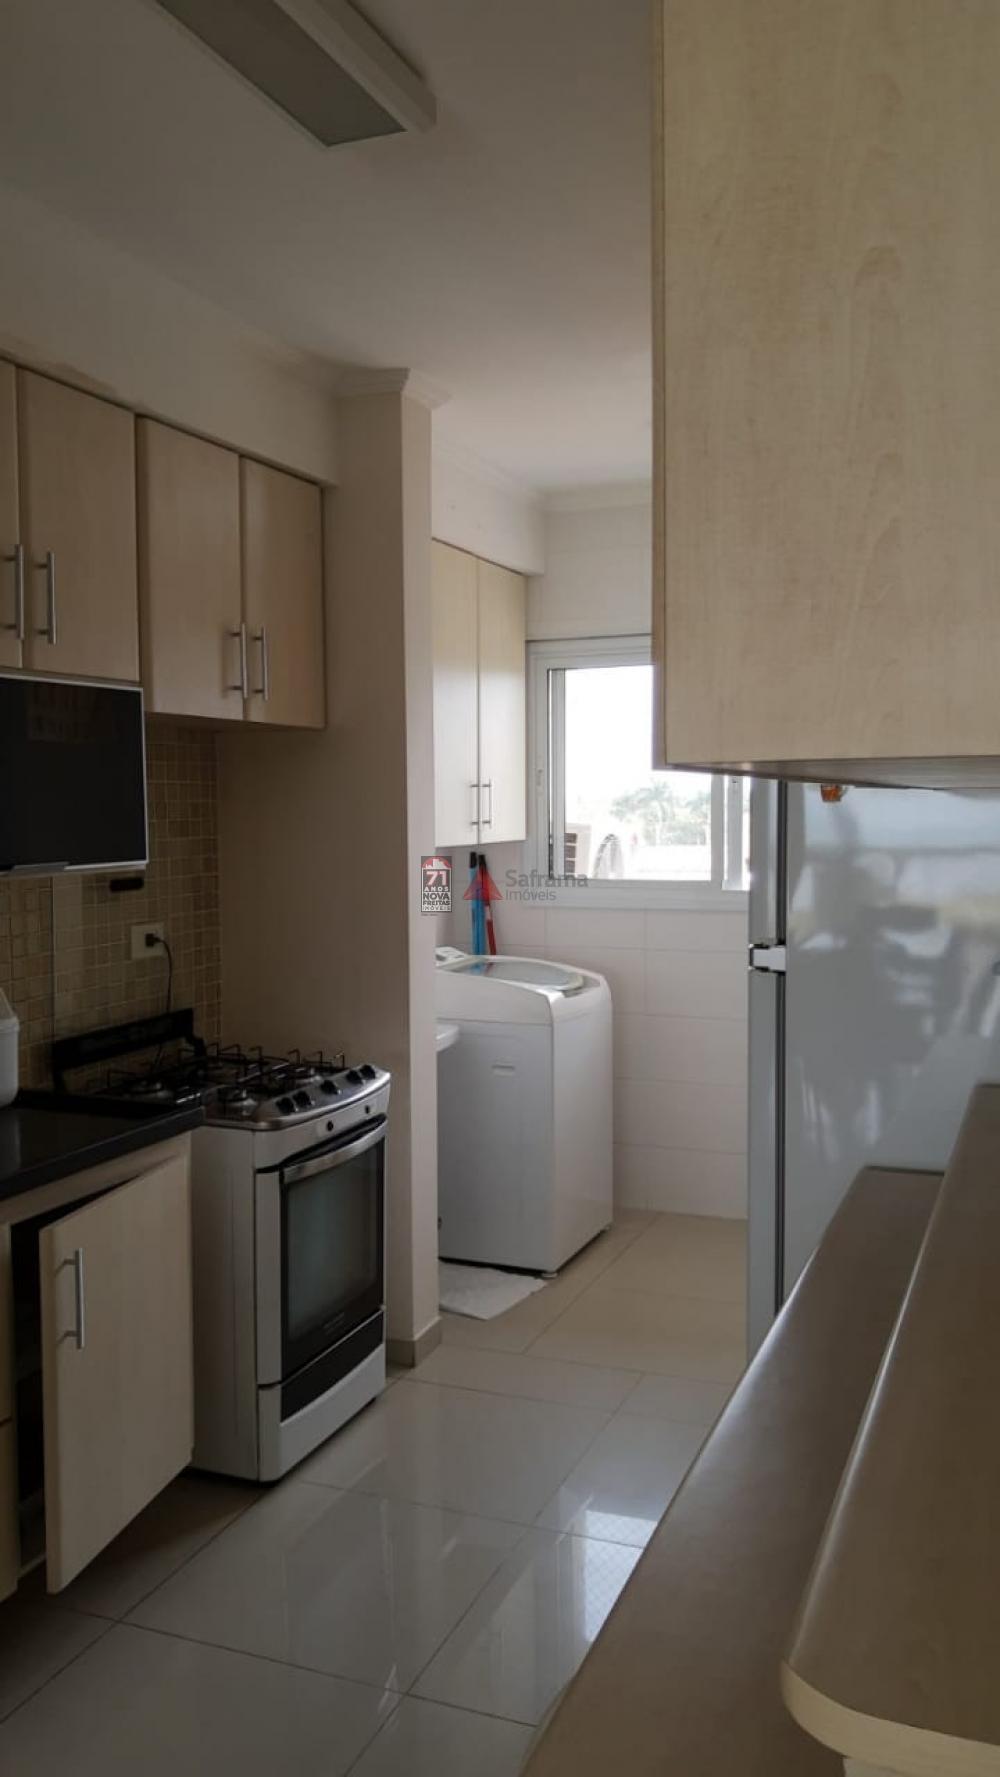 Comprar Apartamento / Padrão em Caraguatatuba apenas R$ 950.000,00 - Foto 13